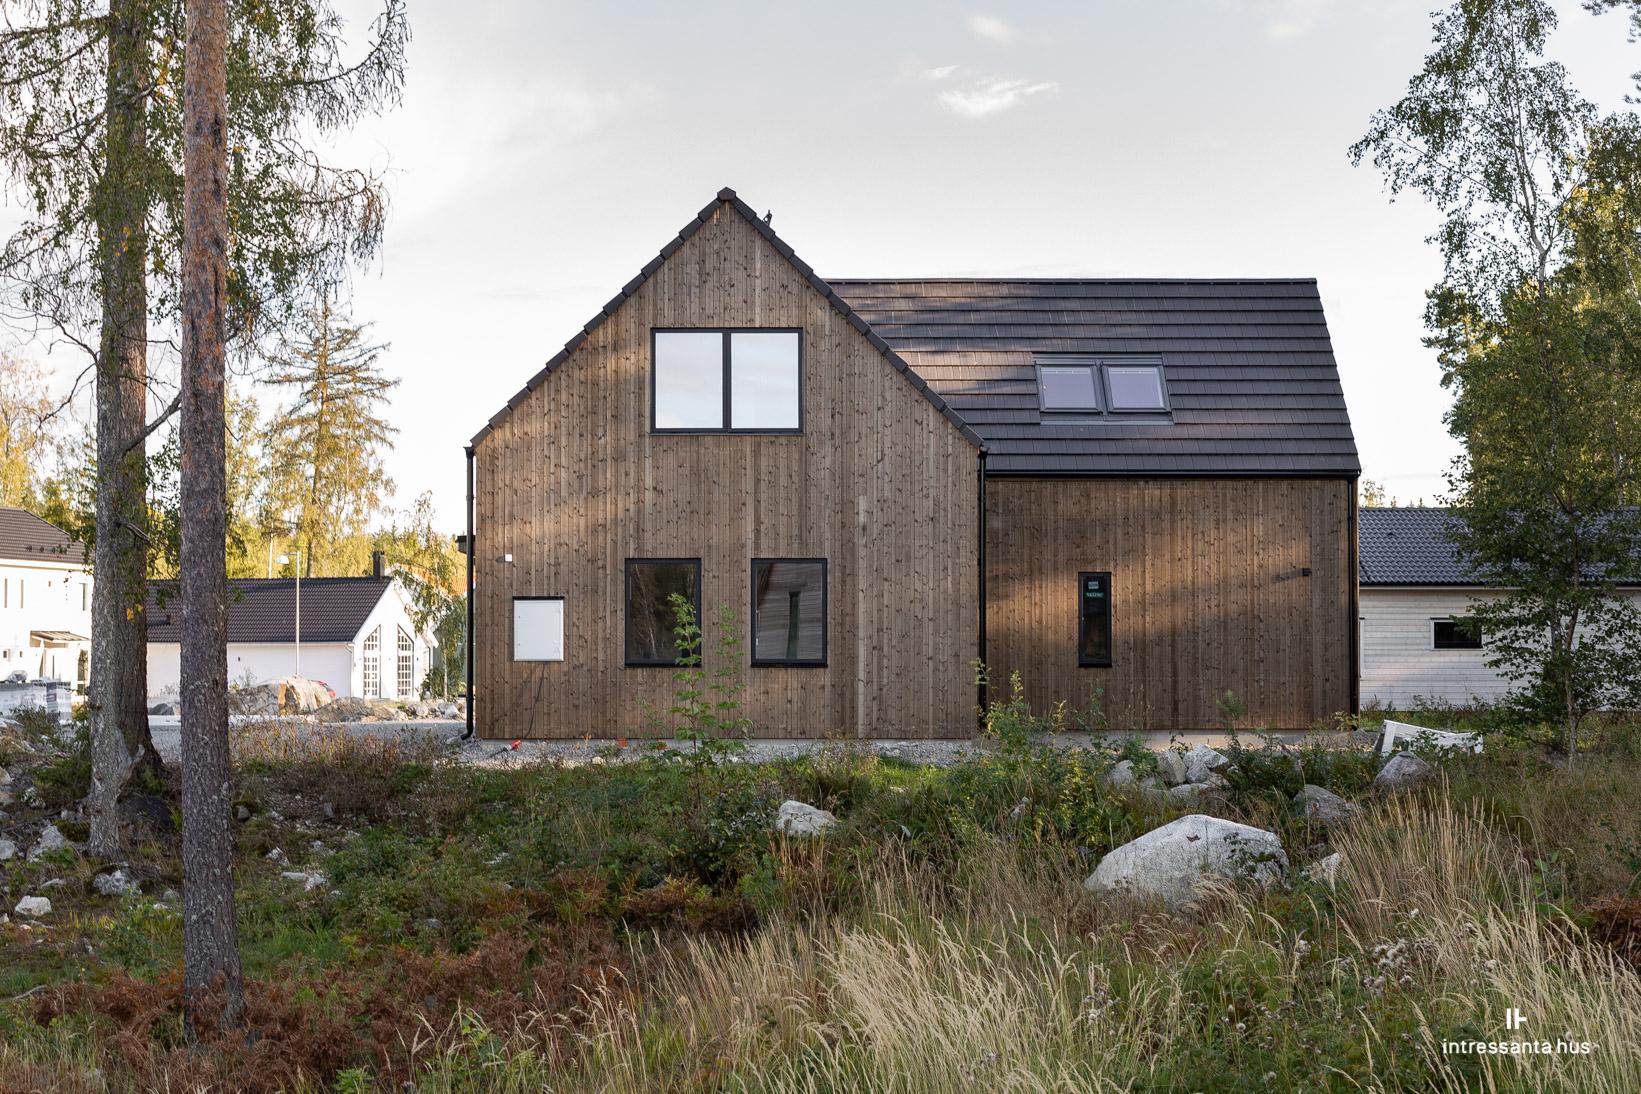 intressantahus-ringqvist-006